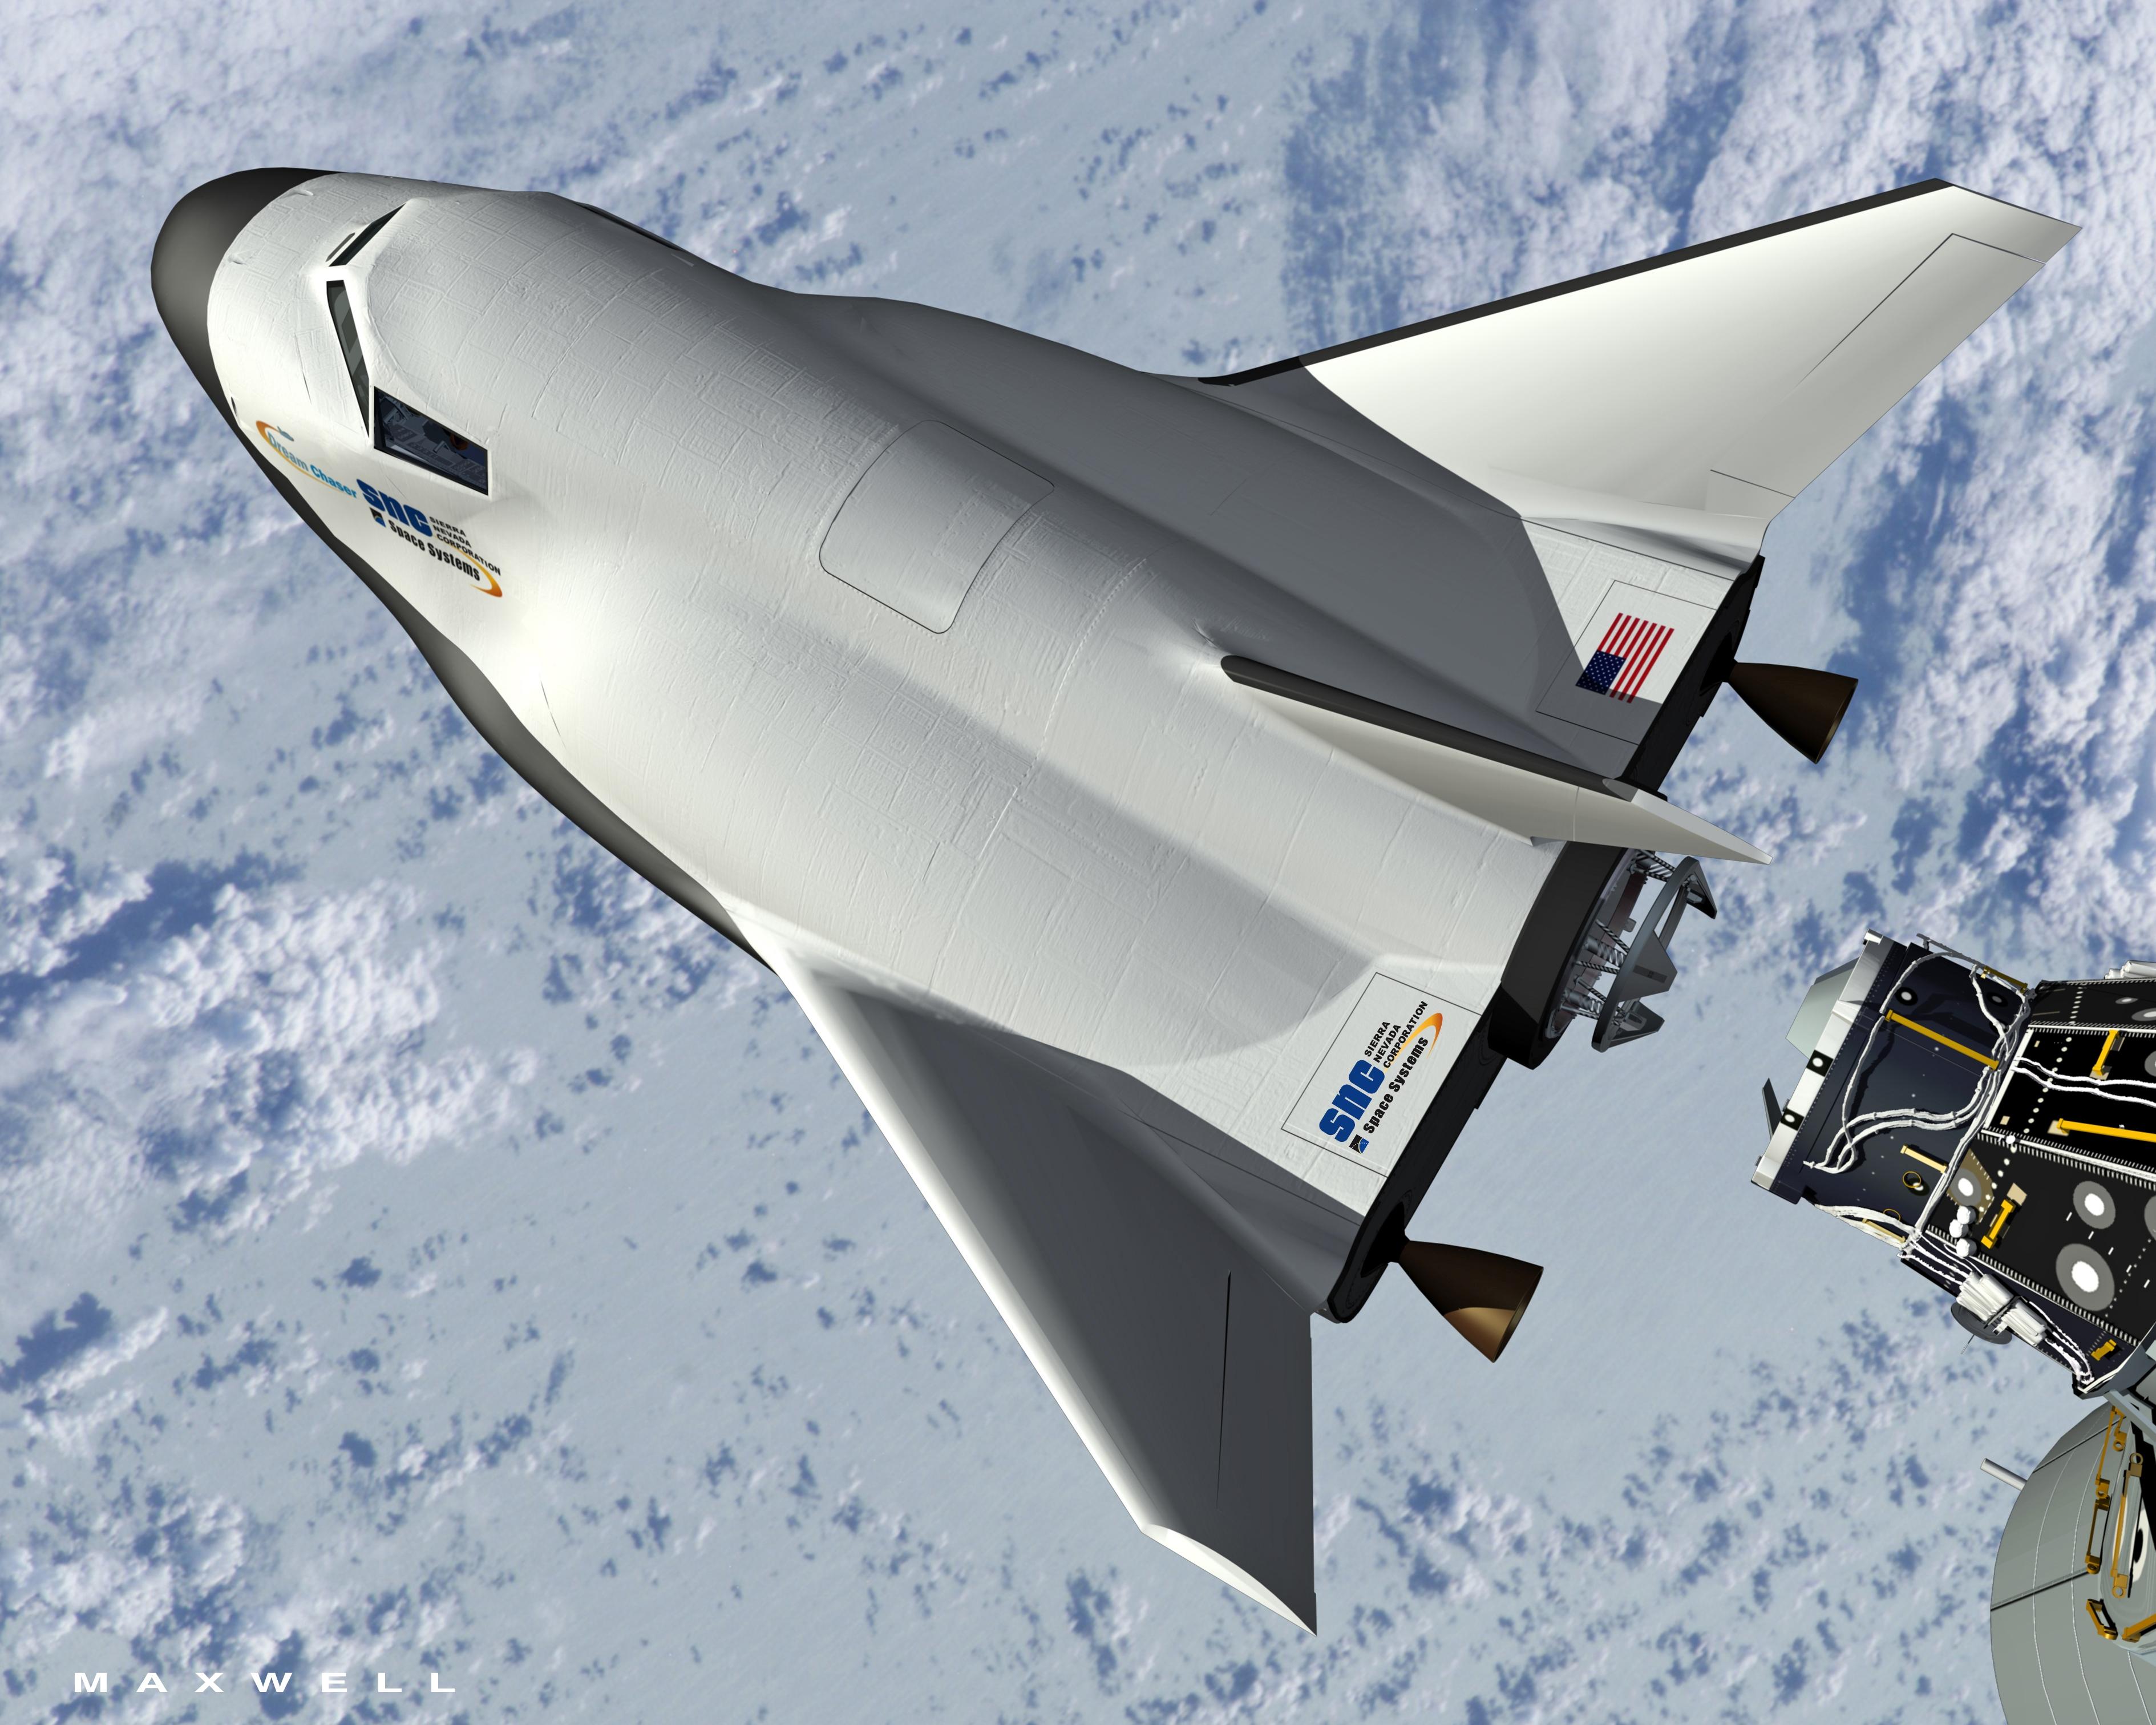 Sierra Nevada Corporation e ONU annunciano la prima missione spaziale dedicata alle Nazioni Unite